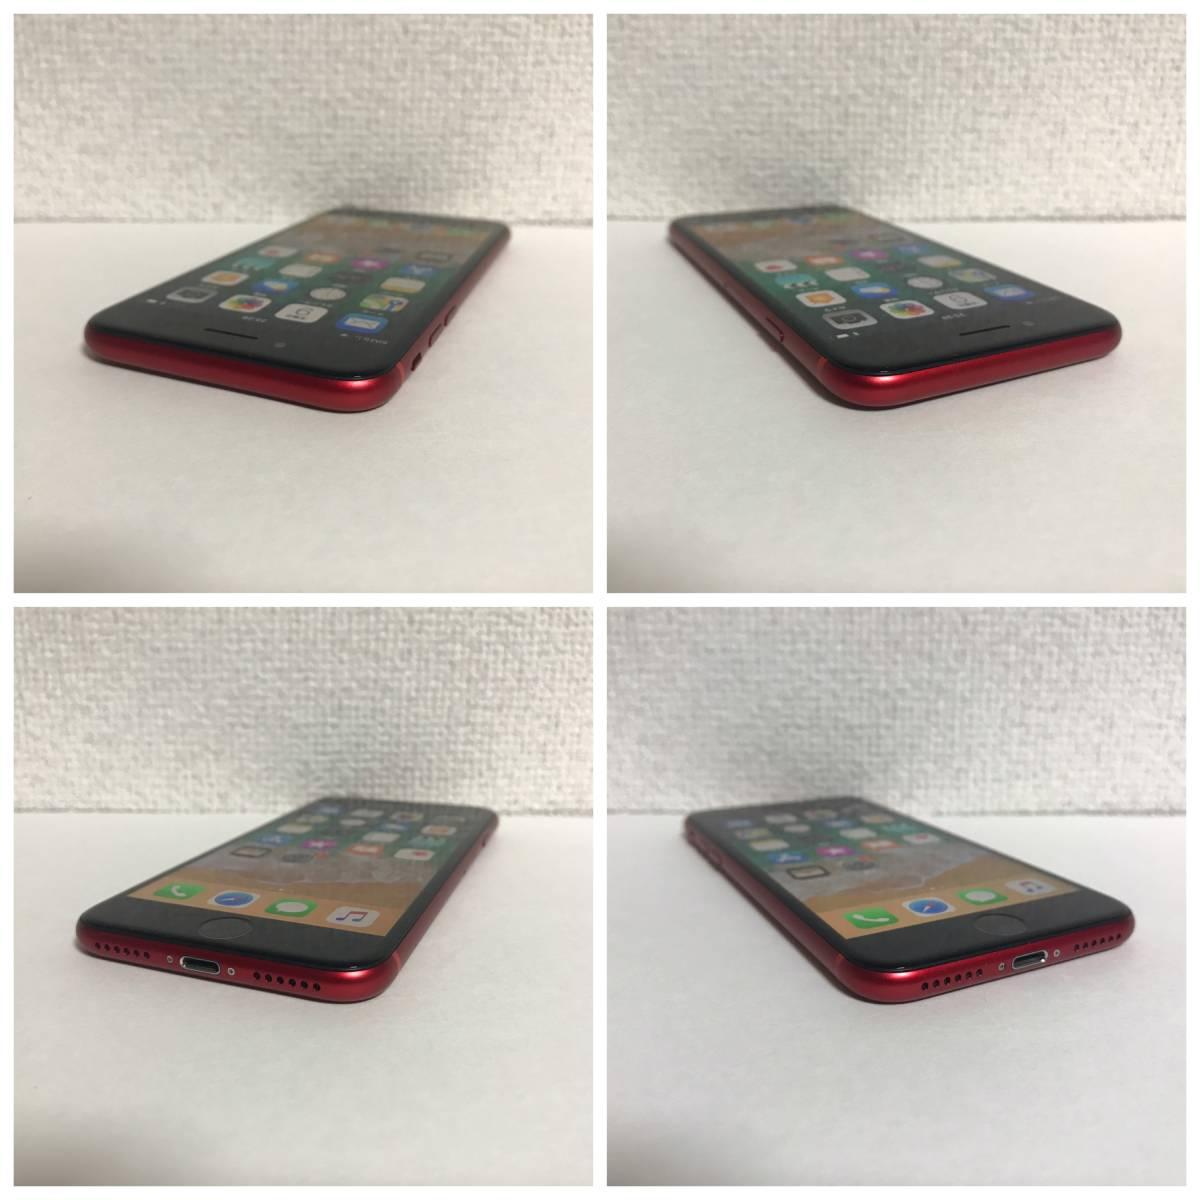 【超美品・電池良好】 SIMフリー iPhone8 64GB Red_画像5